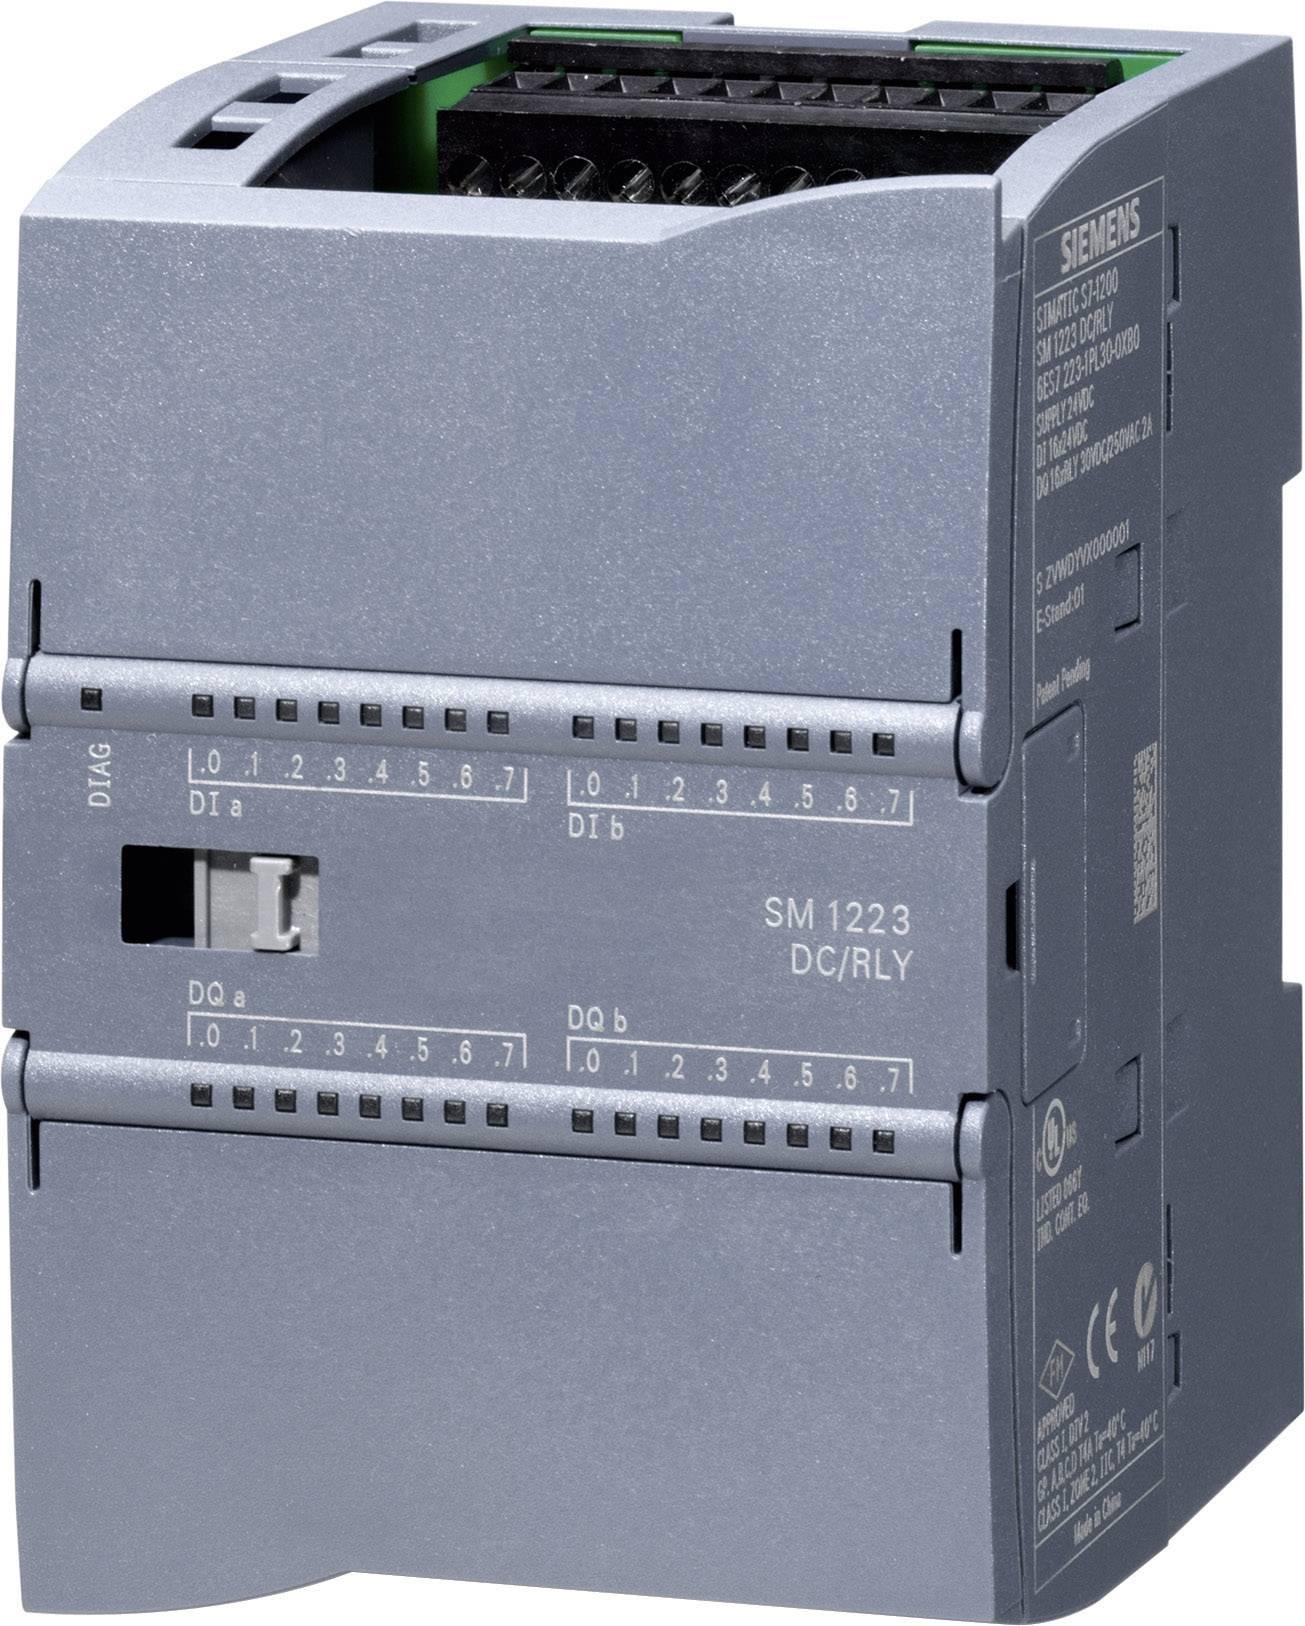 PLC rozširujúci modul Siemens SM 1223 6ES7223-1PH32-0XB0